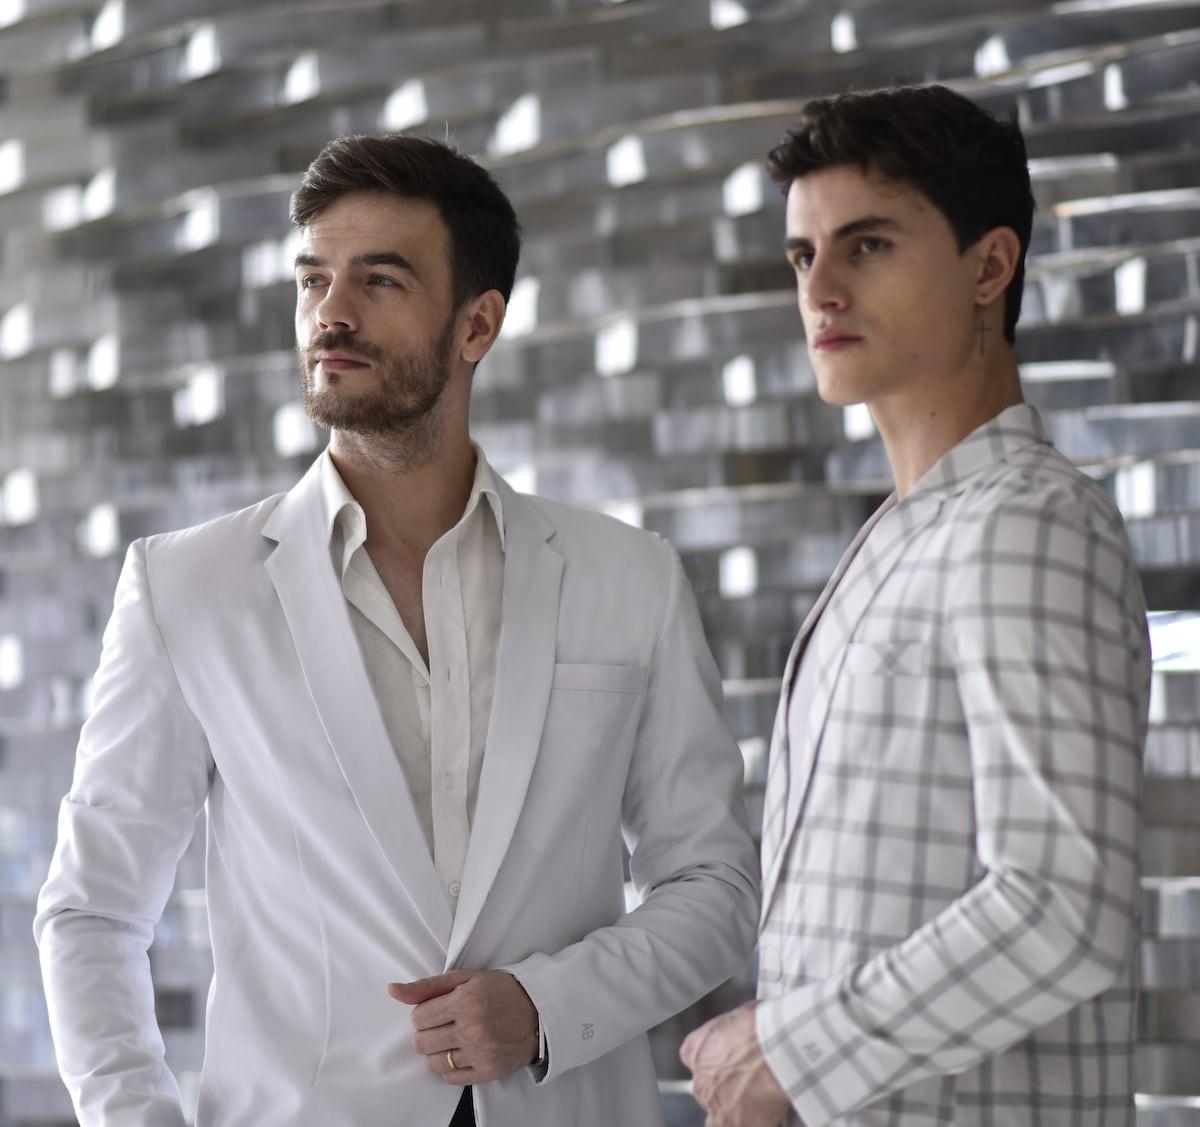 GOTTLICH MAXIM AIR luxury blazer has 18 different features